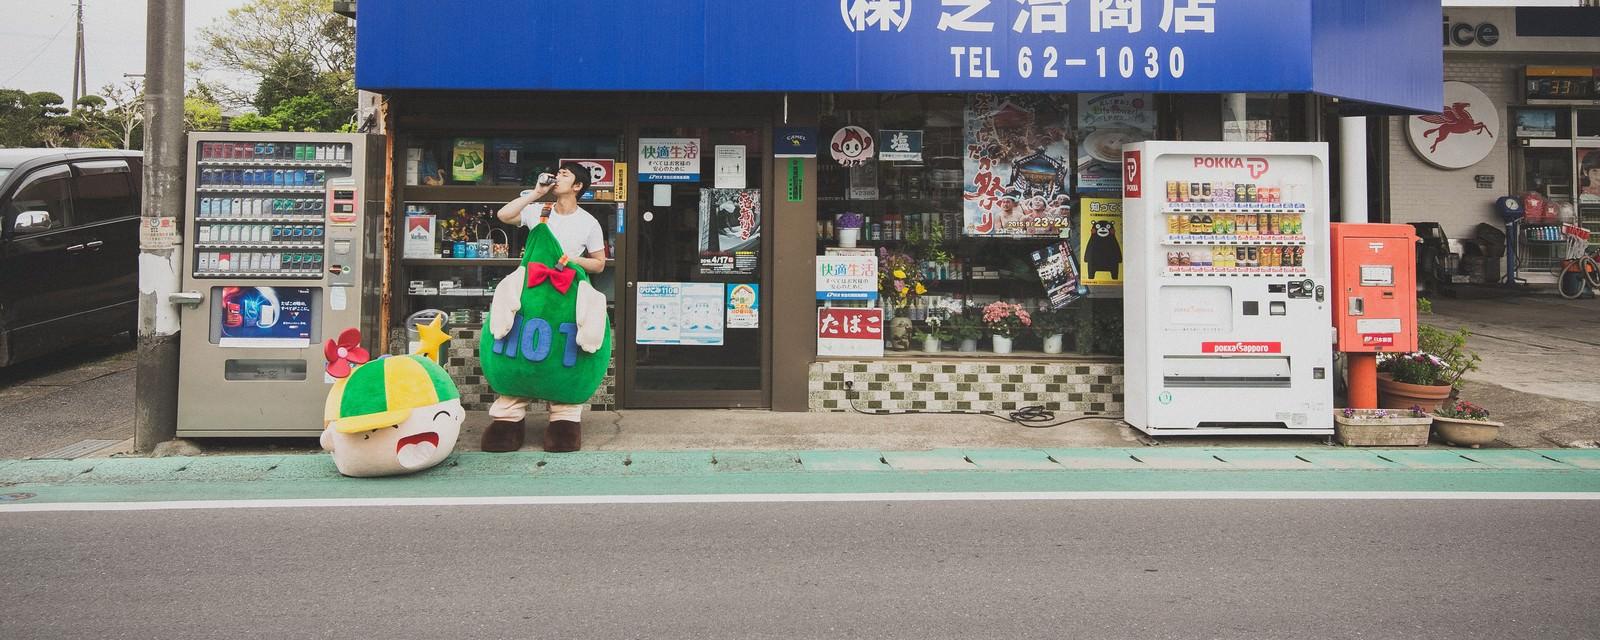 「商店の前でコーヒーを飲むゆるキャラと中の人」の写真[モデル:大川竜弥 ホットくん]